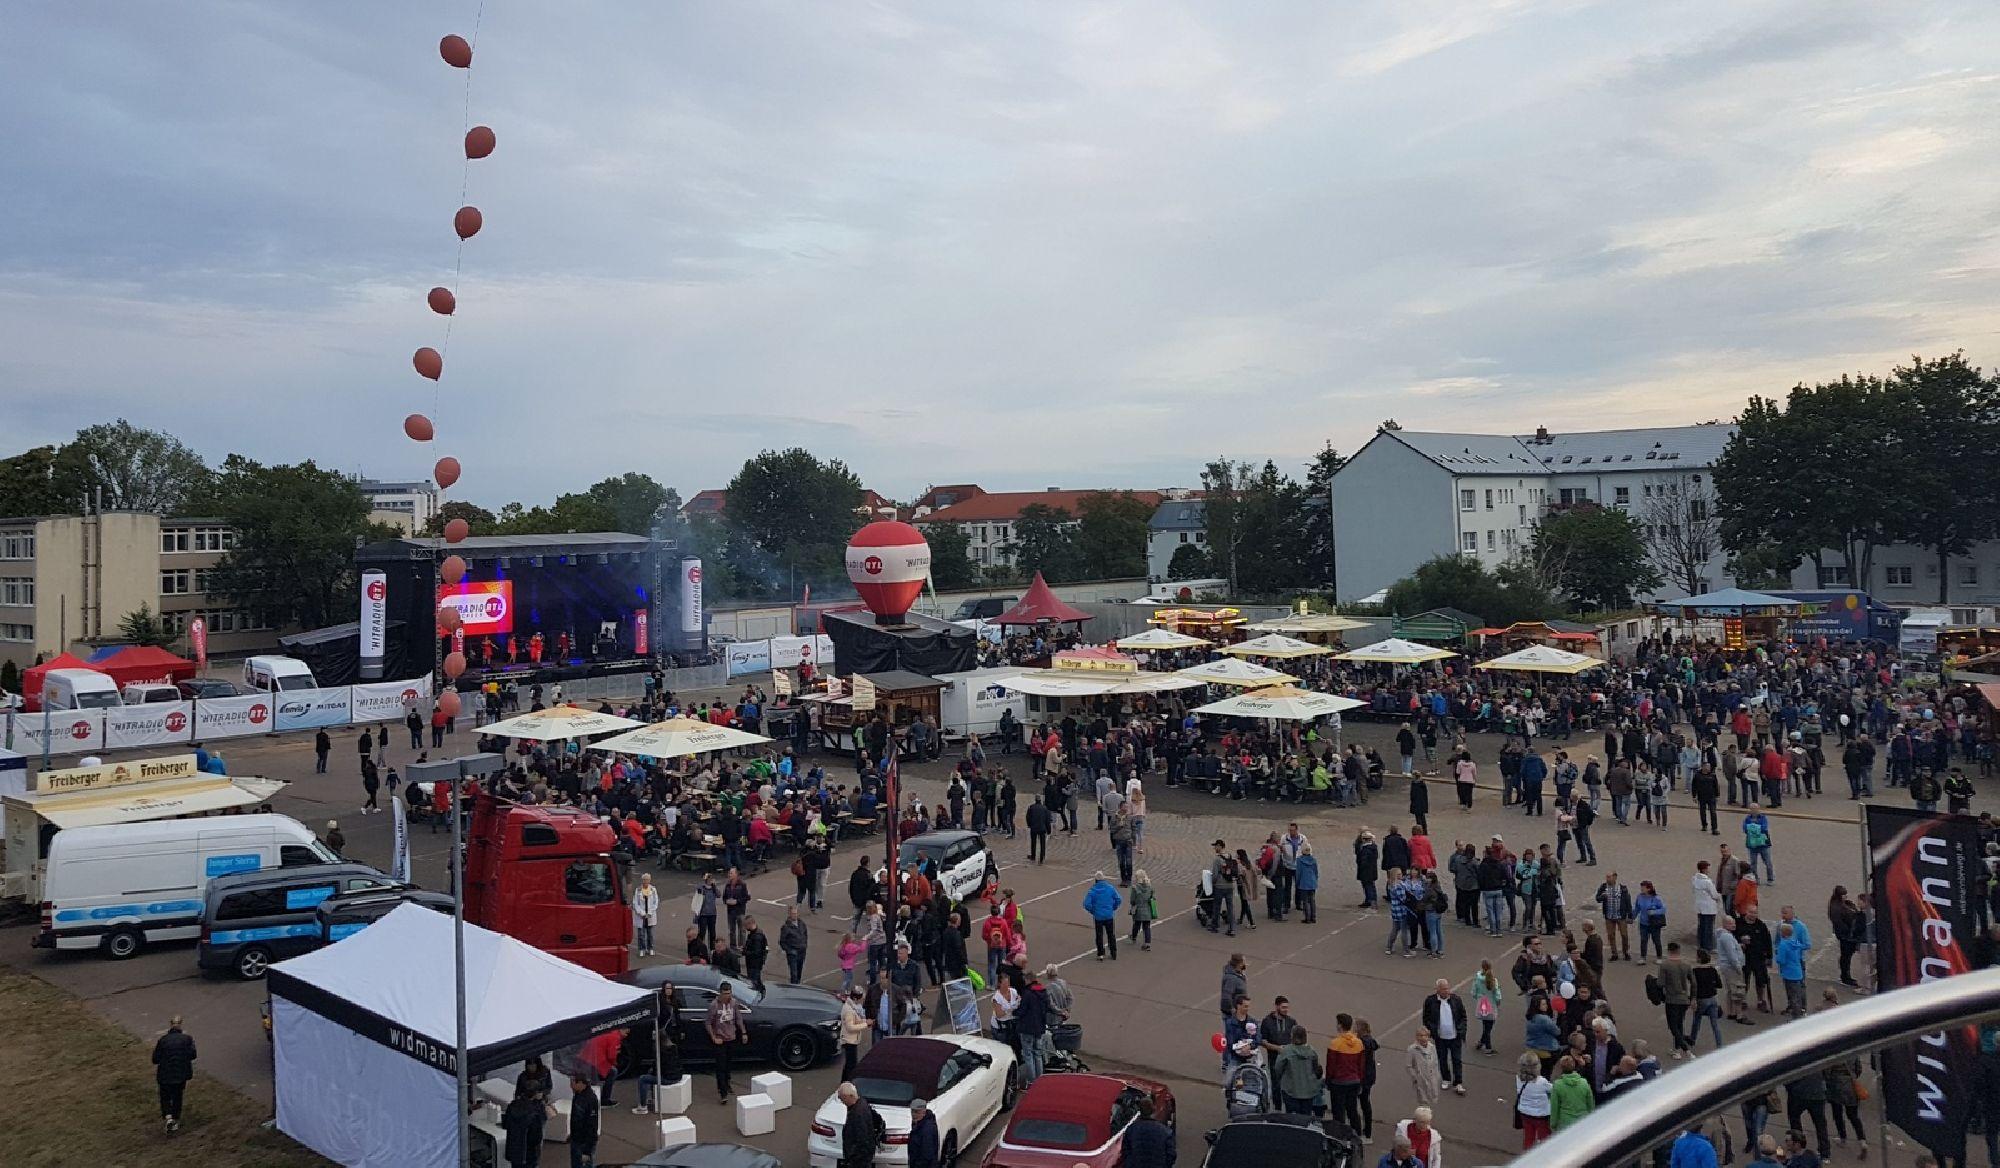 Festplatz zum Tag der Sachsen in Riesa